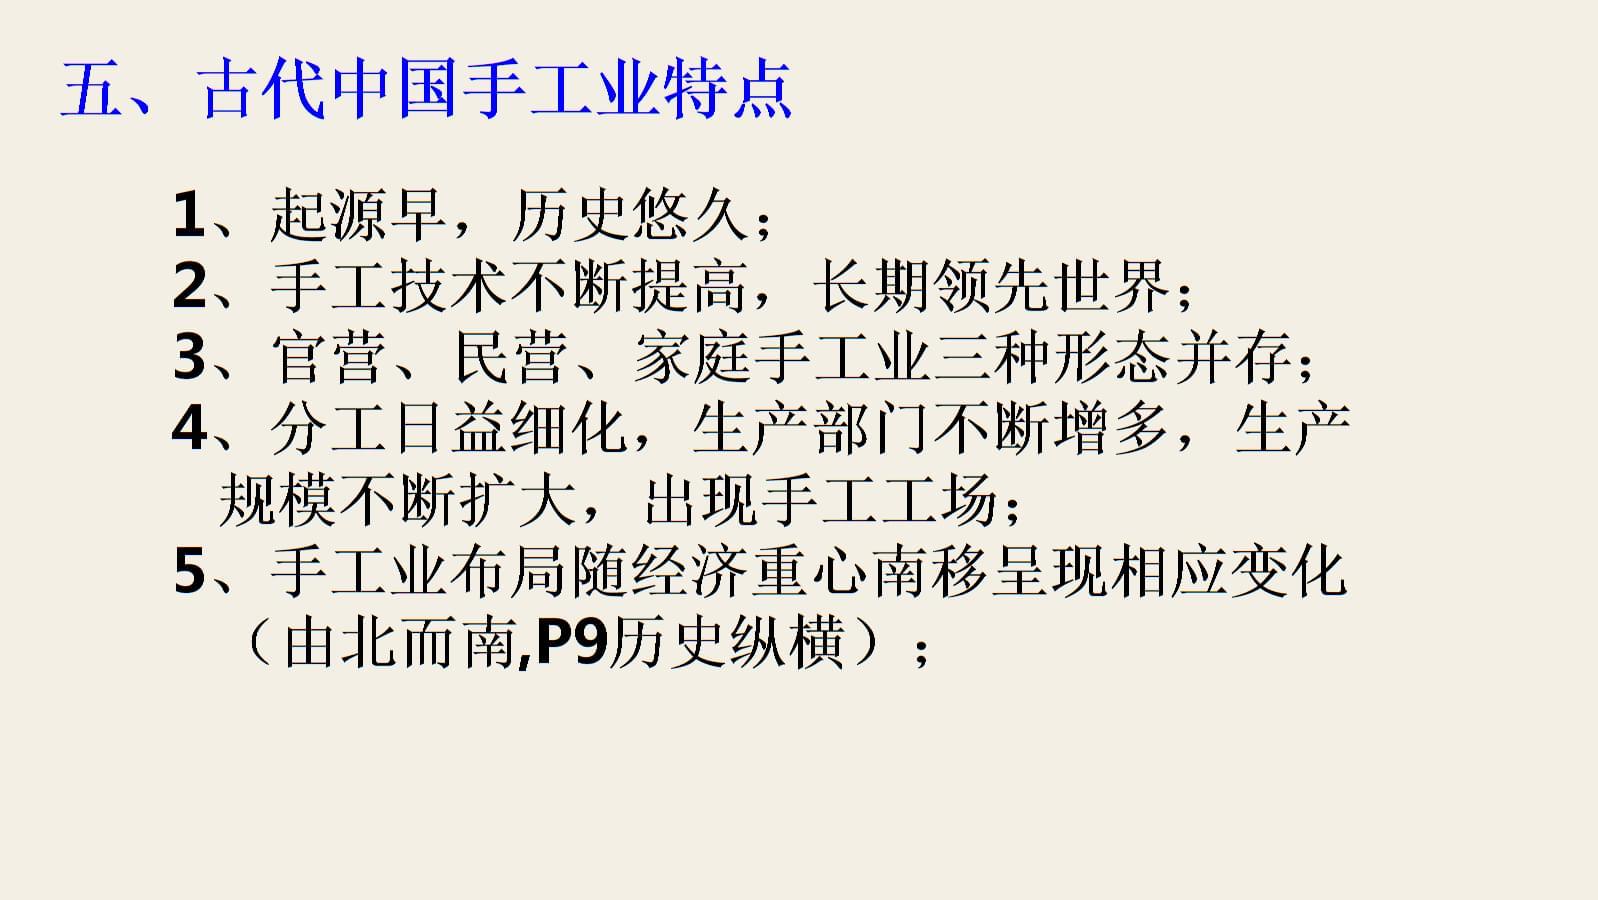 高中历史课件第7讲 古代商业的发展与经济政策 (2).ppt